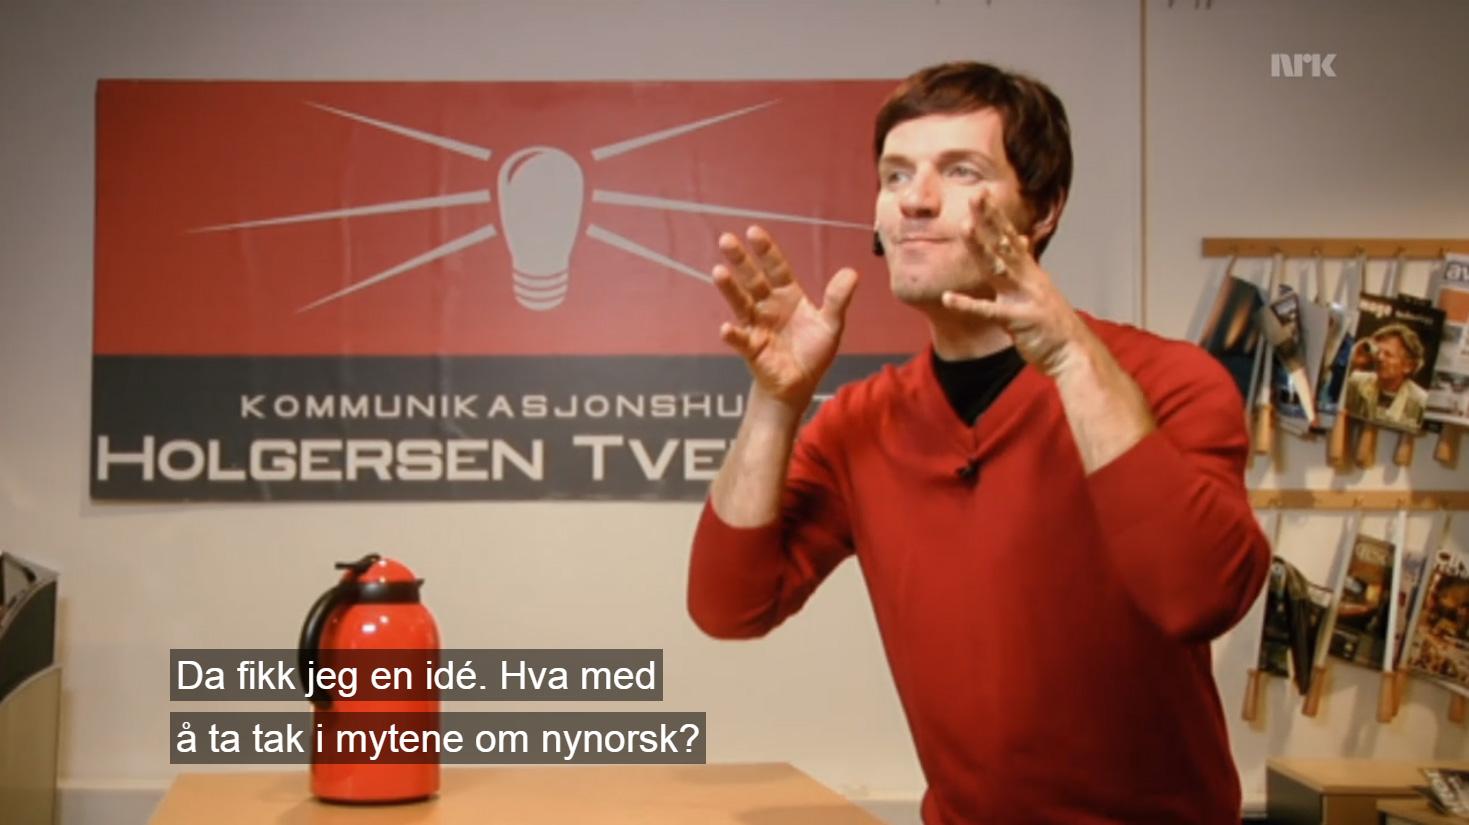 Bård Tufte Johansen som Holgersen i kommunikasjonshuset Holgersen & Tversnes. Skjermdump frå NRK.